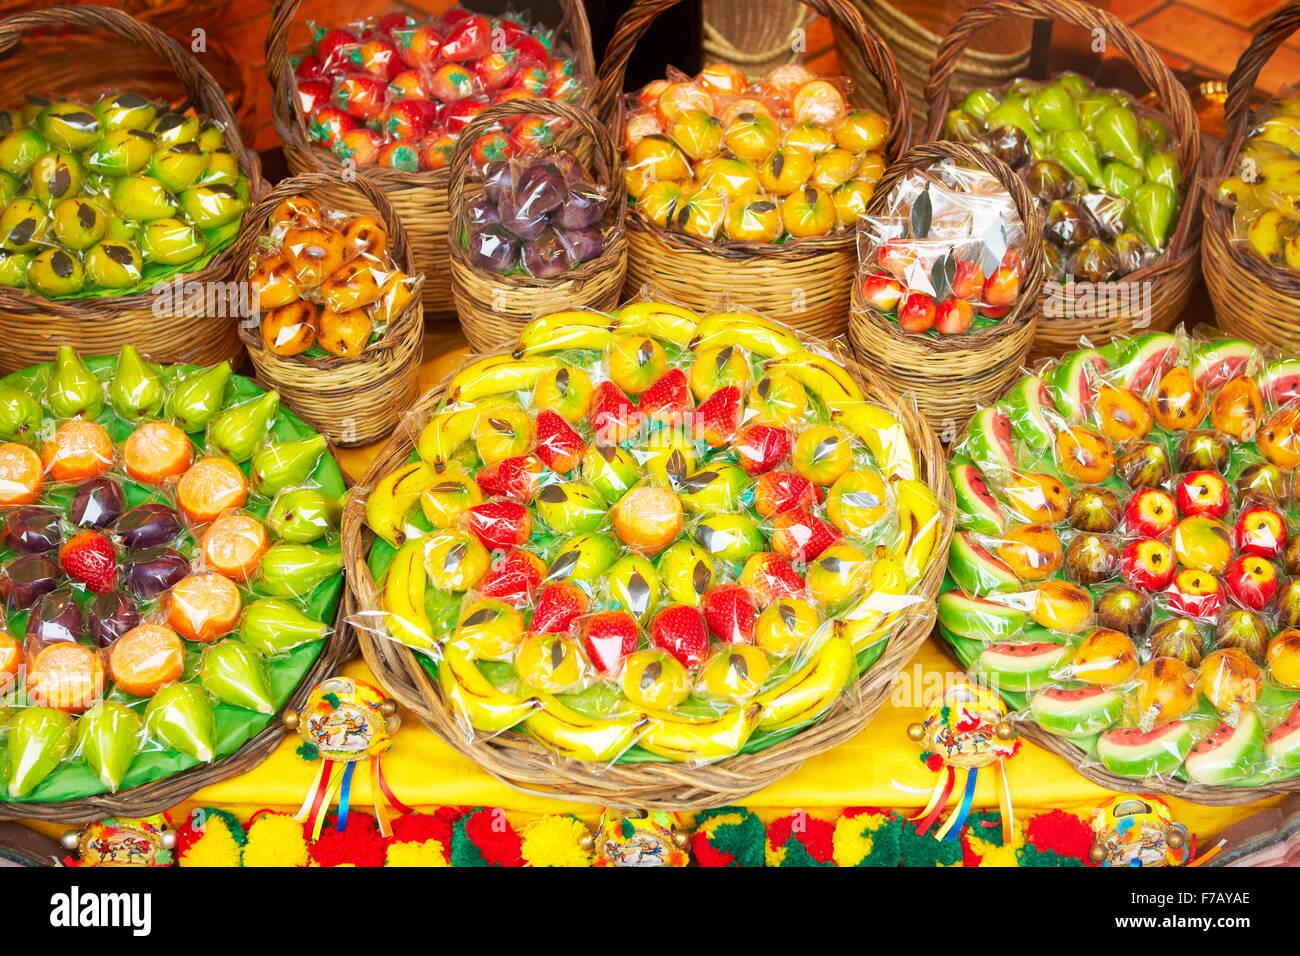 Prodotti tipici siciliani marzapane frutti (frutta martorana), Siracusa, Sicilia, Italia Immagini Stock